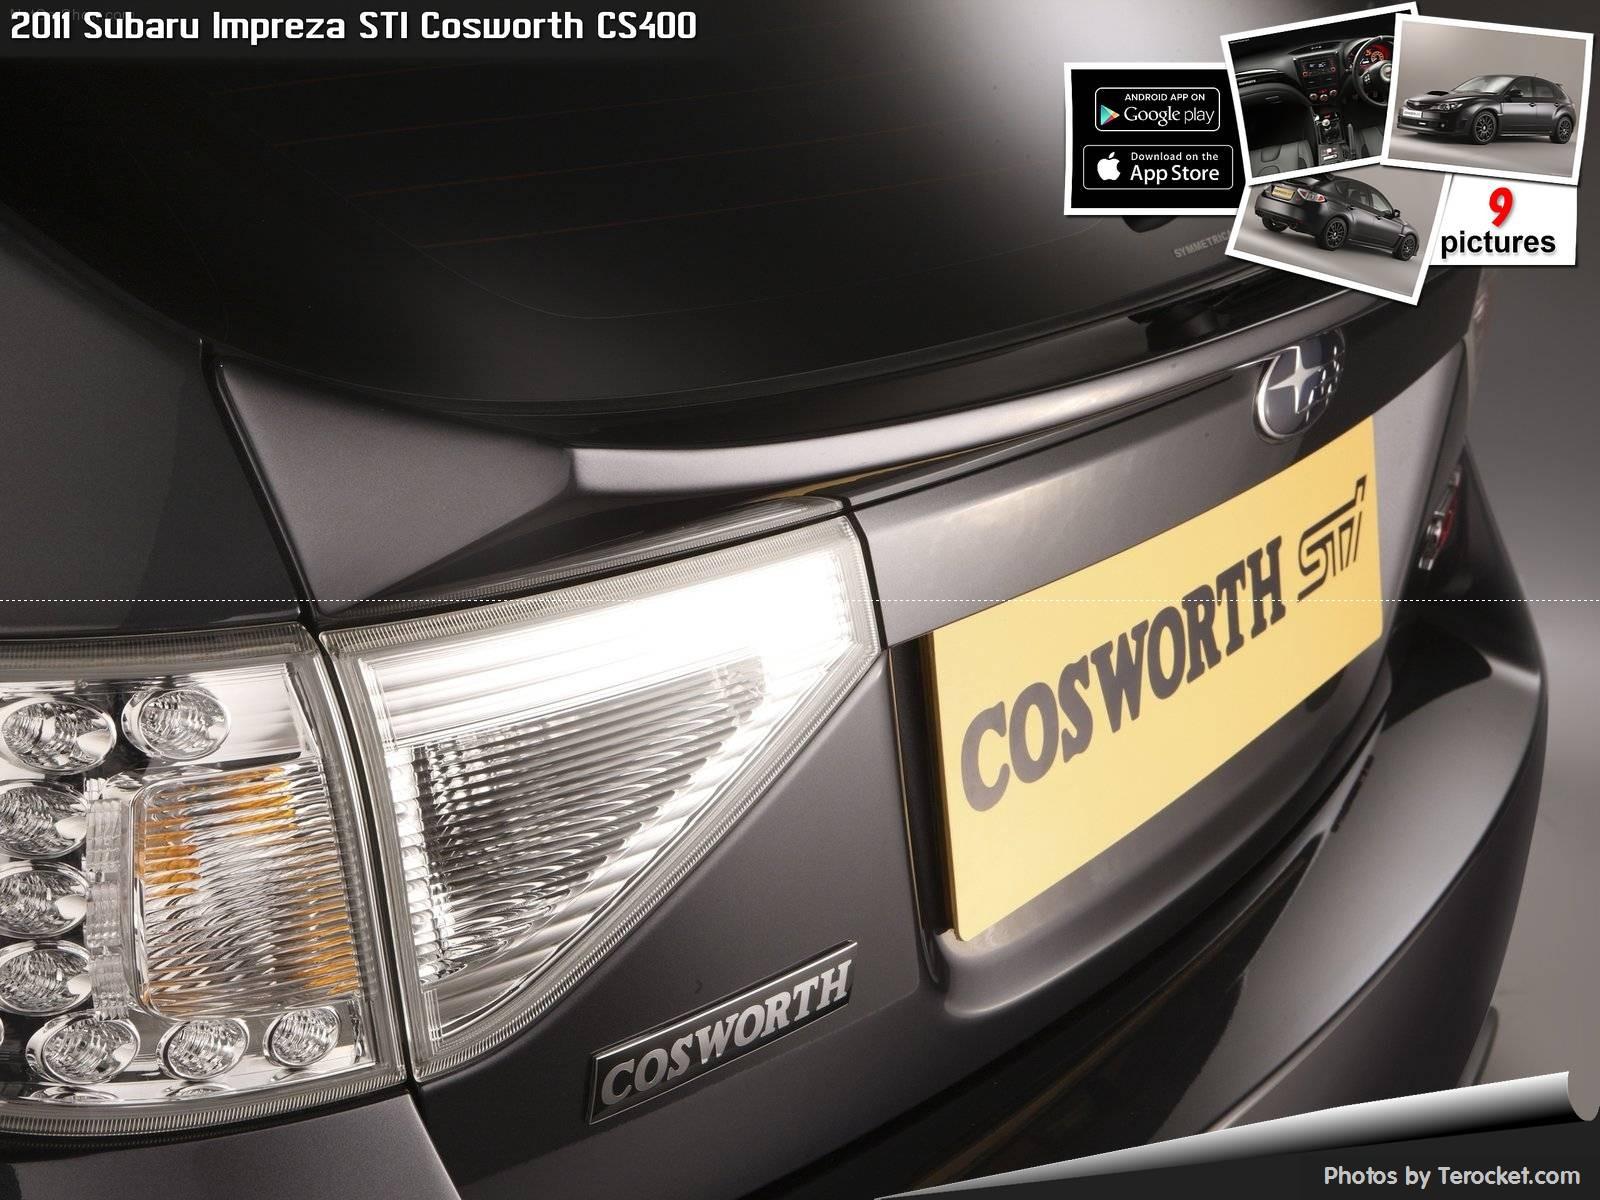 Hình ảnh xe ô tô Subaru Impreza STI Cosworth CS400 2011 & nội ngoại thất